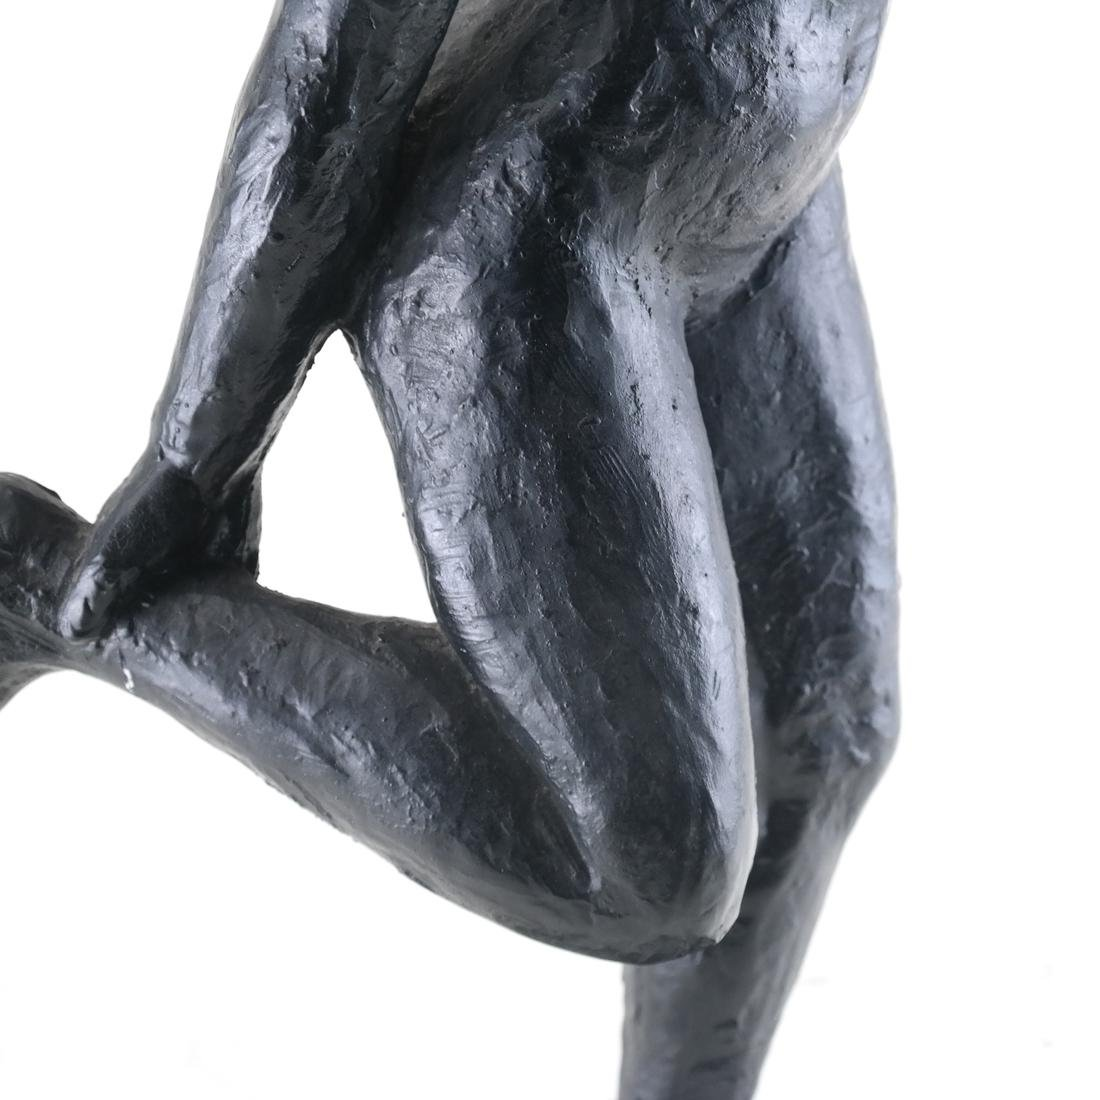 Composition Sculpture, Female Nude - 3